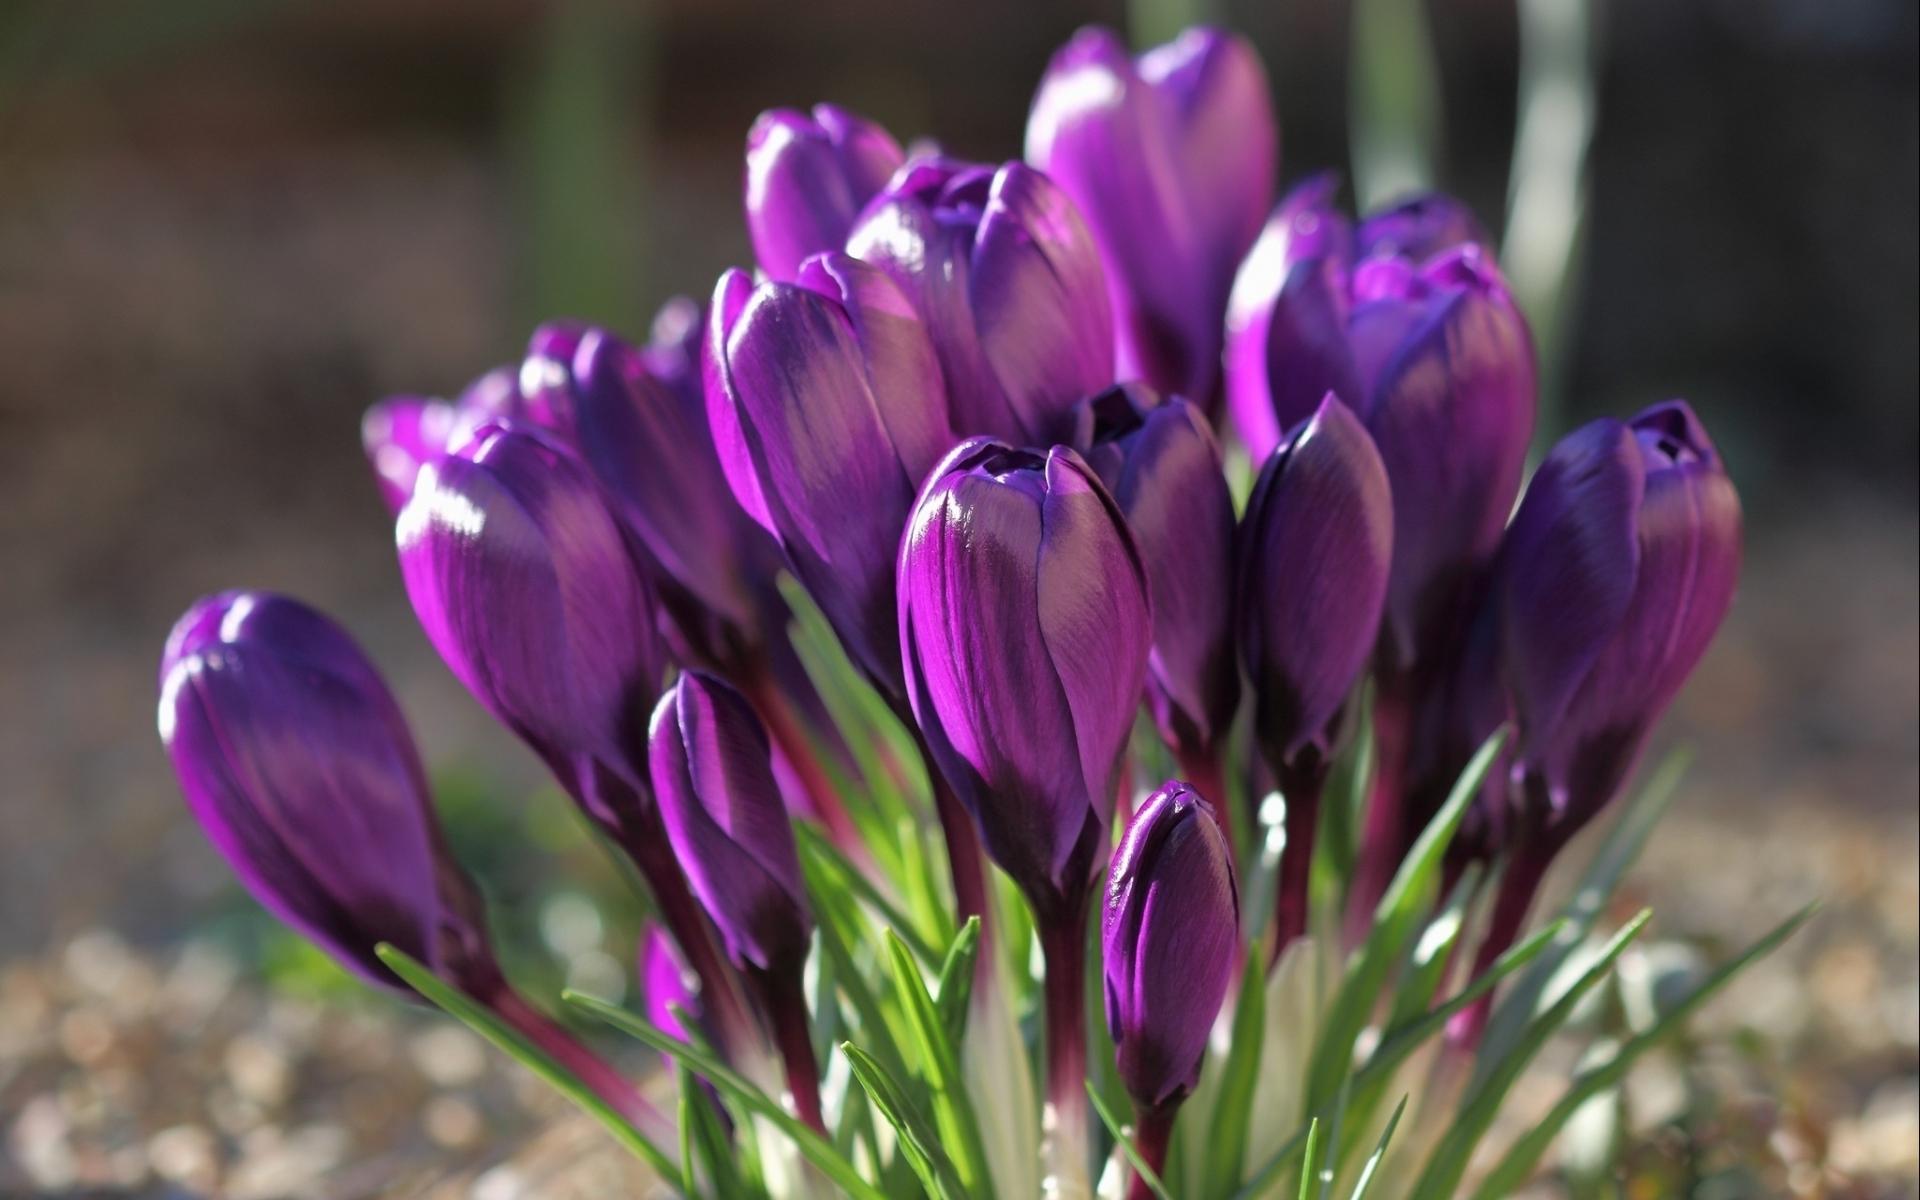 purple flowers A16 - HD Desktop Wallpapers | 4k HD